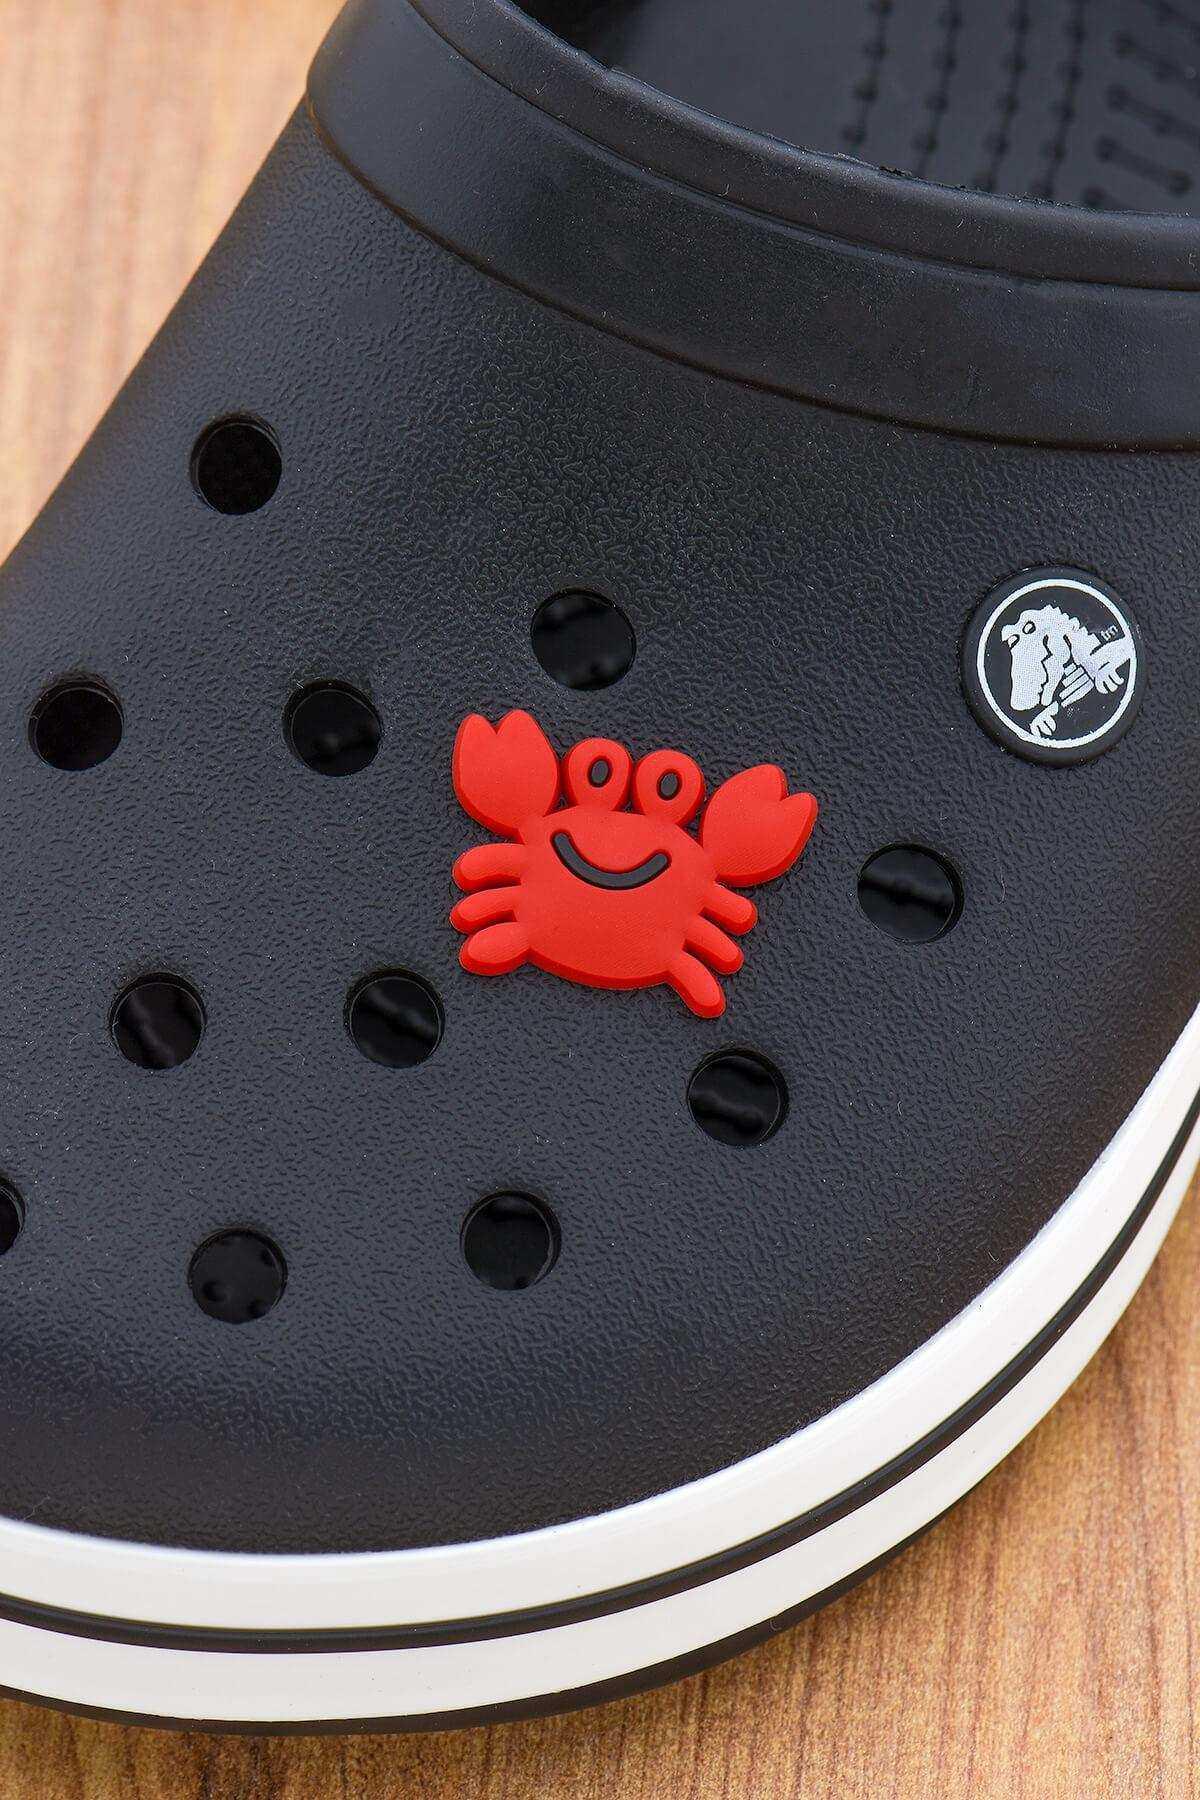 Yengeç Jibbitz Crocs Terlik Süsü Charm Terlik Aksesuarı - CRS0014